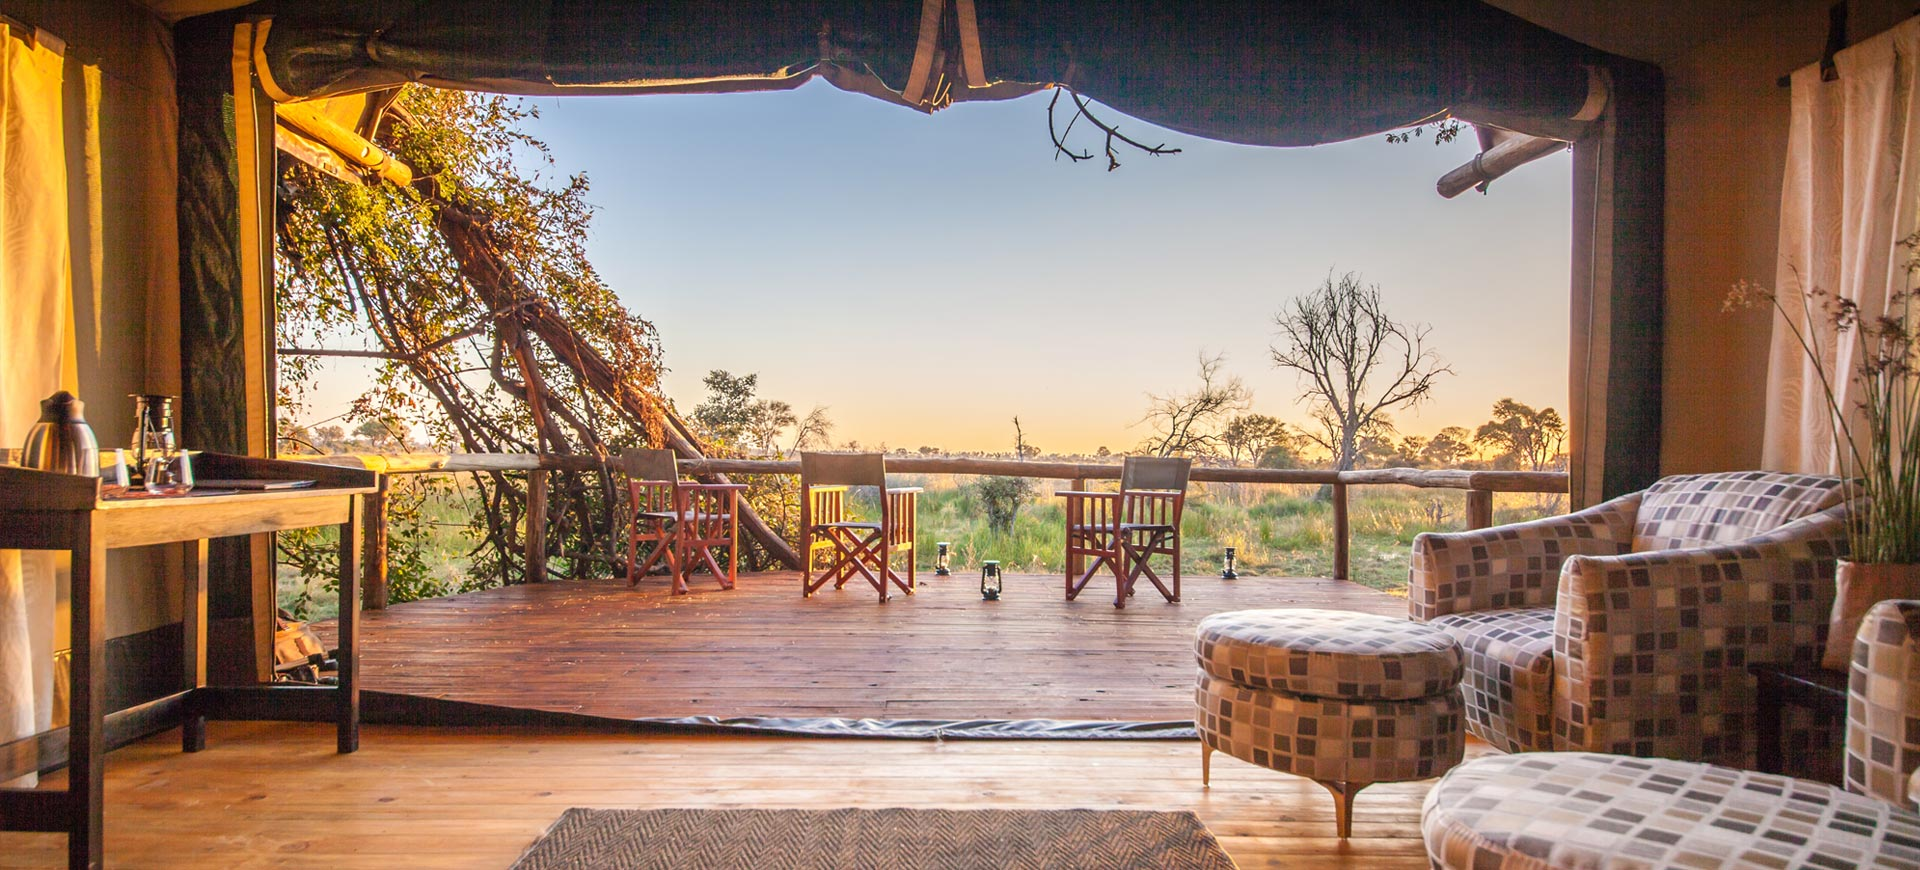 Rra Dinare Camp Ecofriendly Okavango Delta Camp